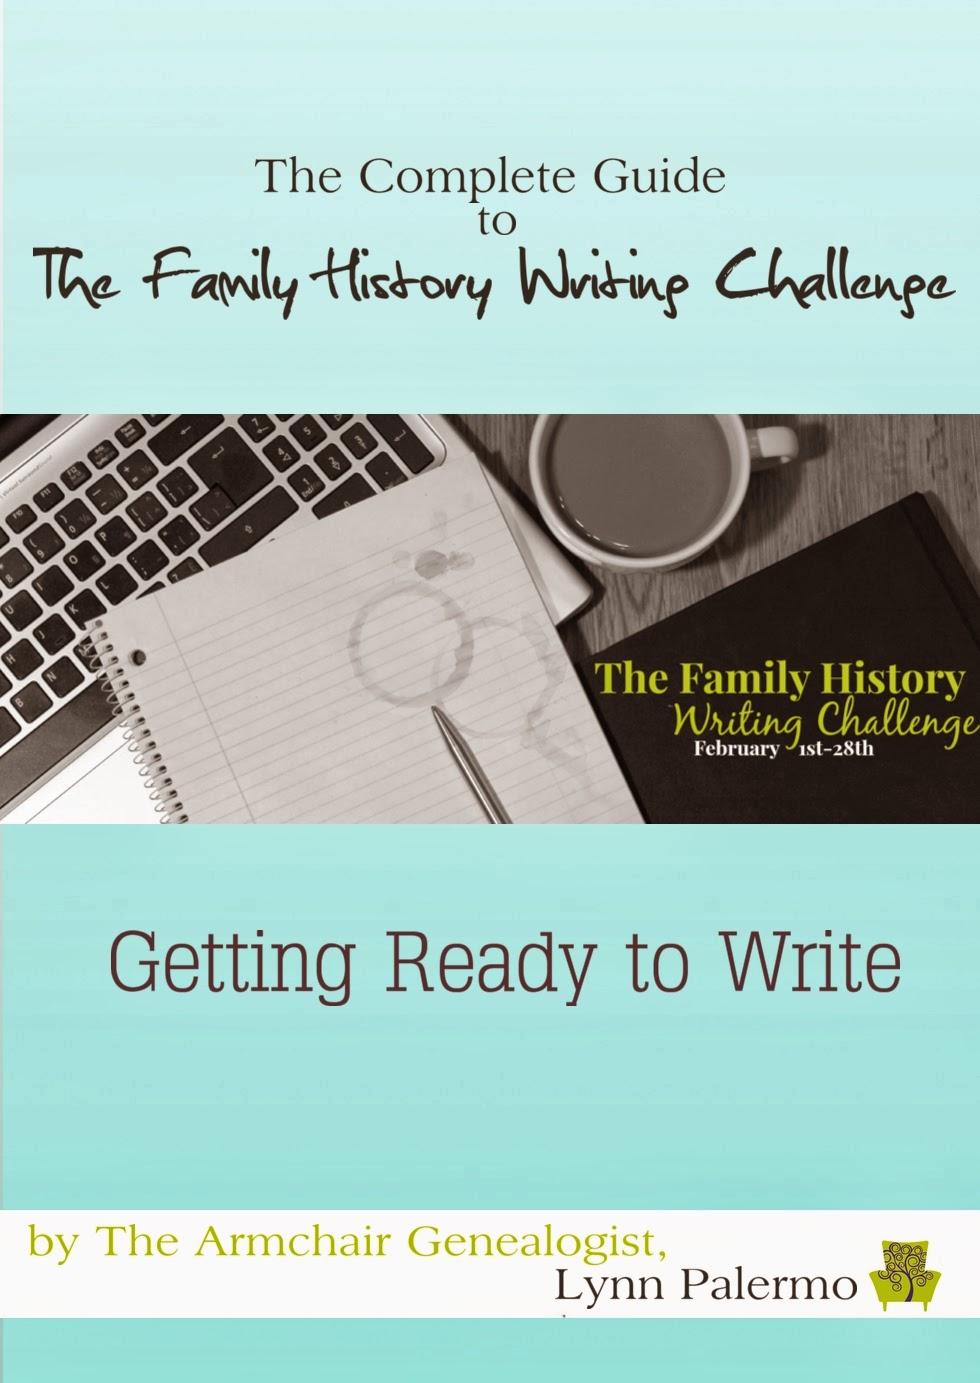 http://www.familyhistorywritingchallenge.com/store/